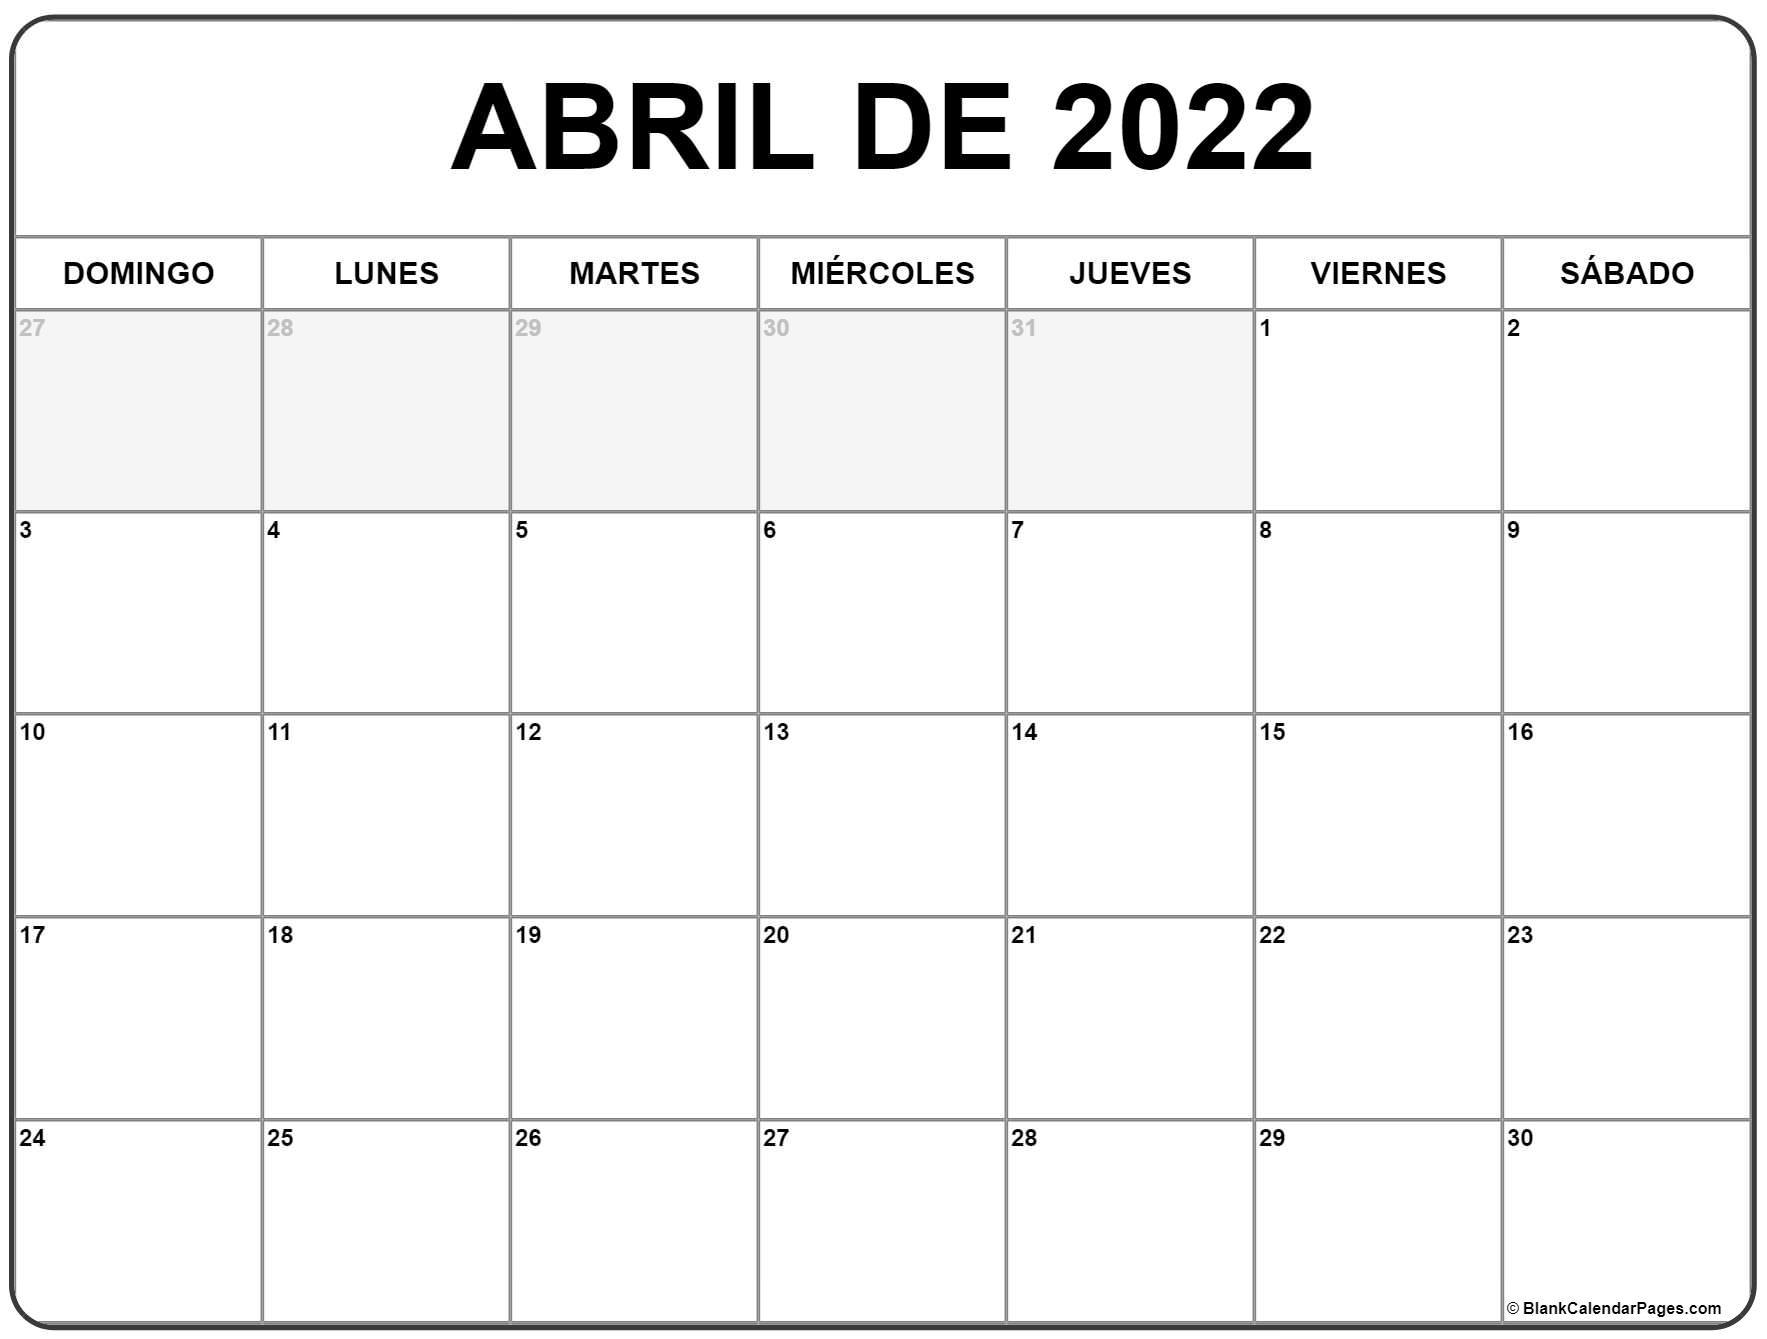 abril de 2022 calendrario